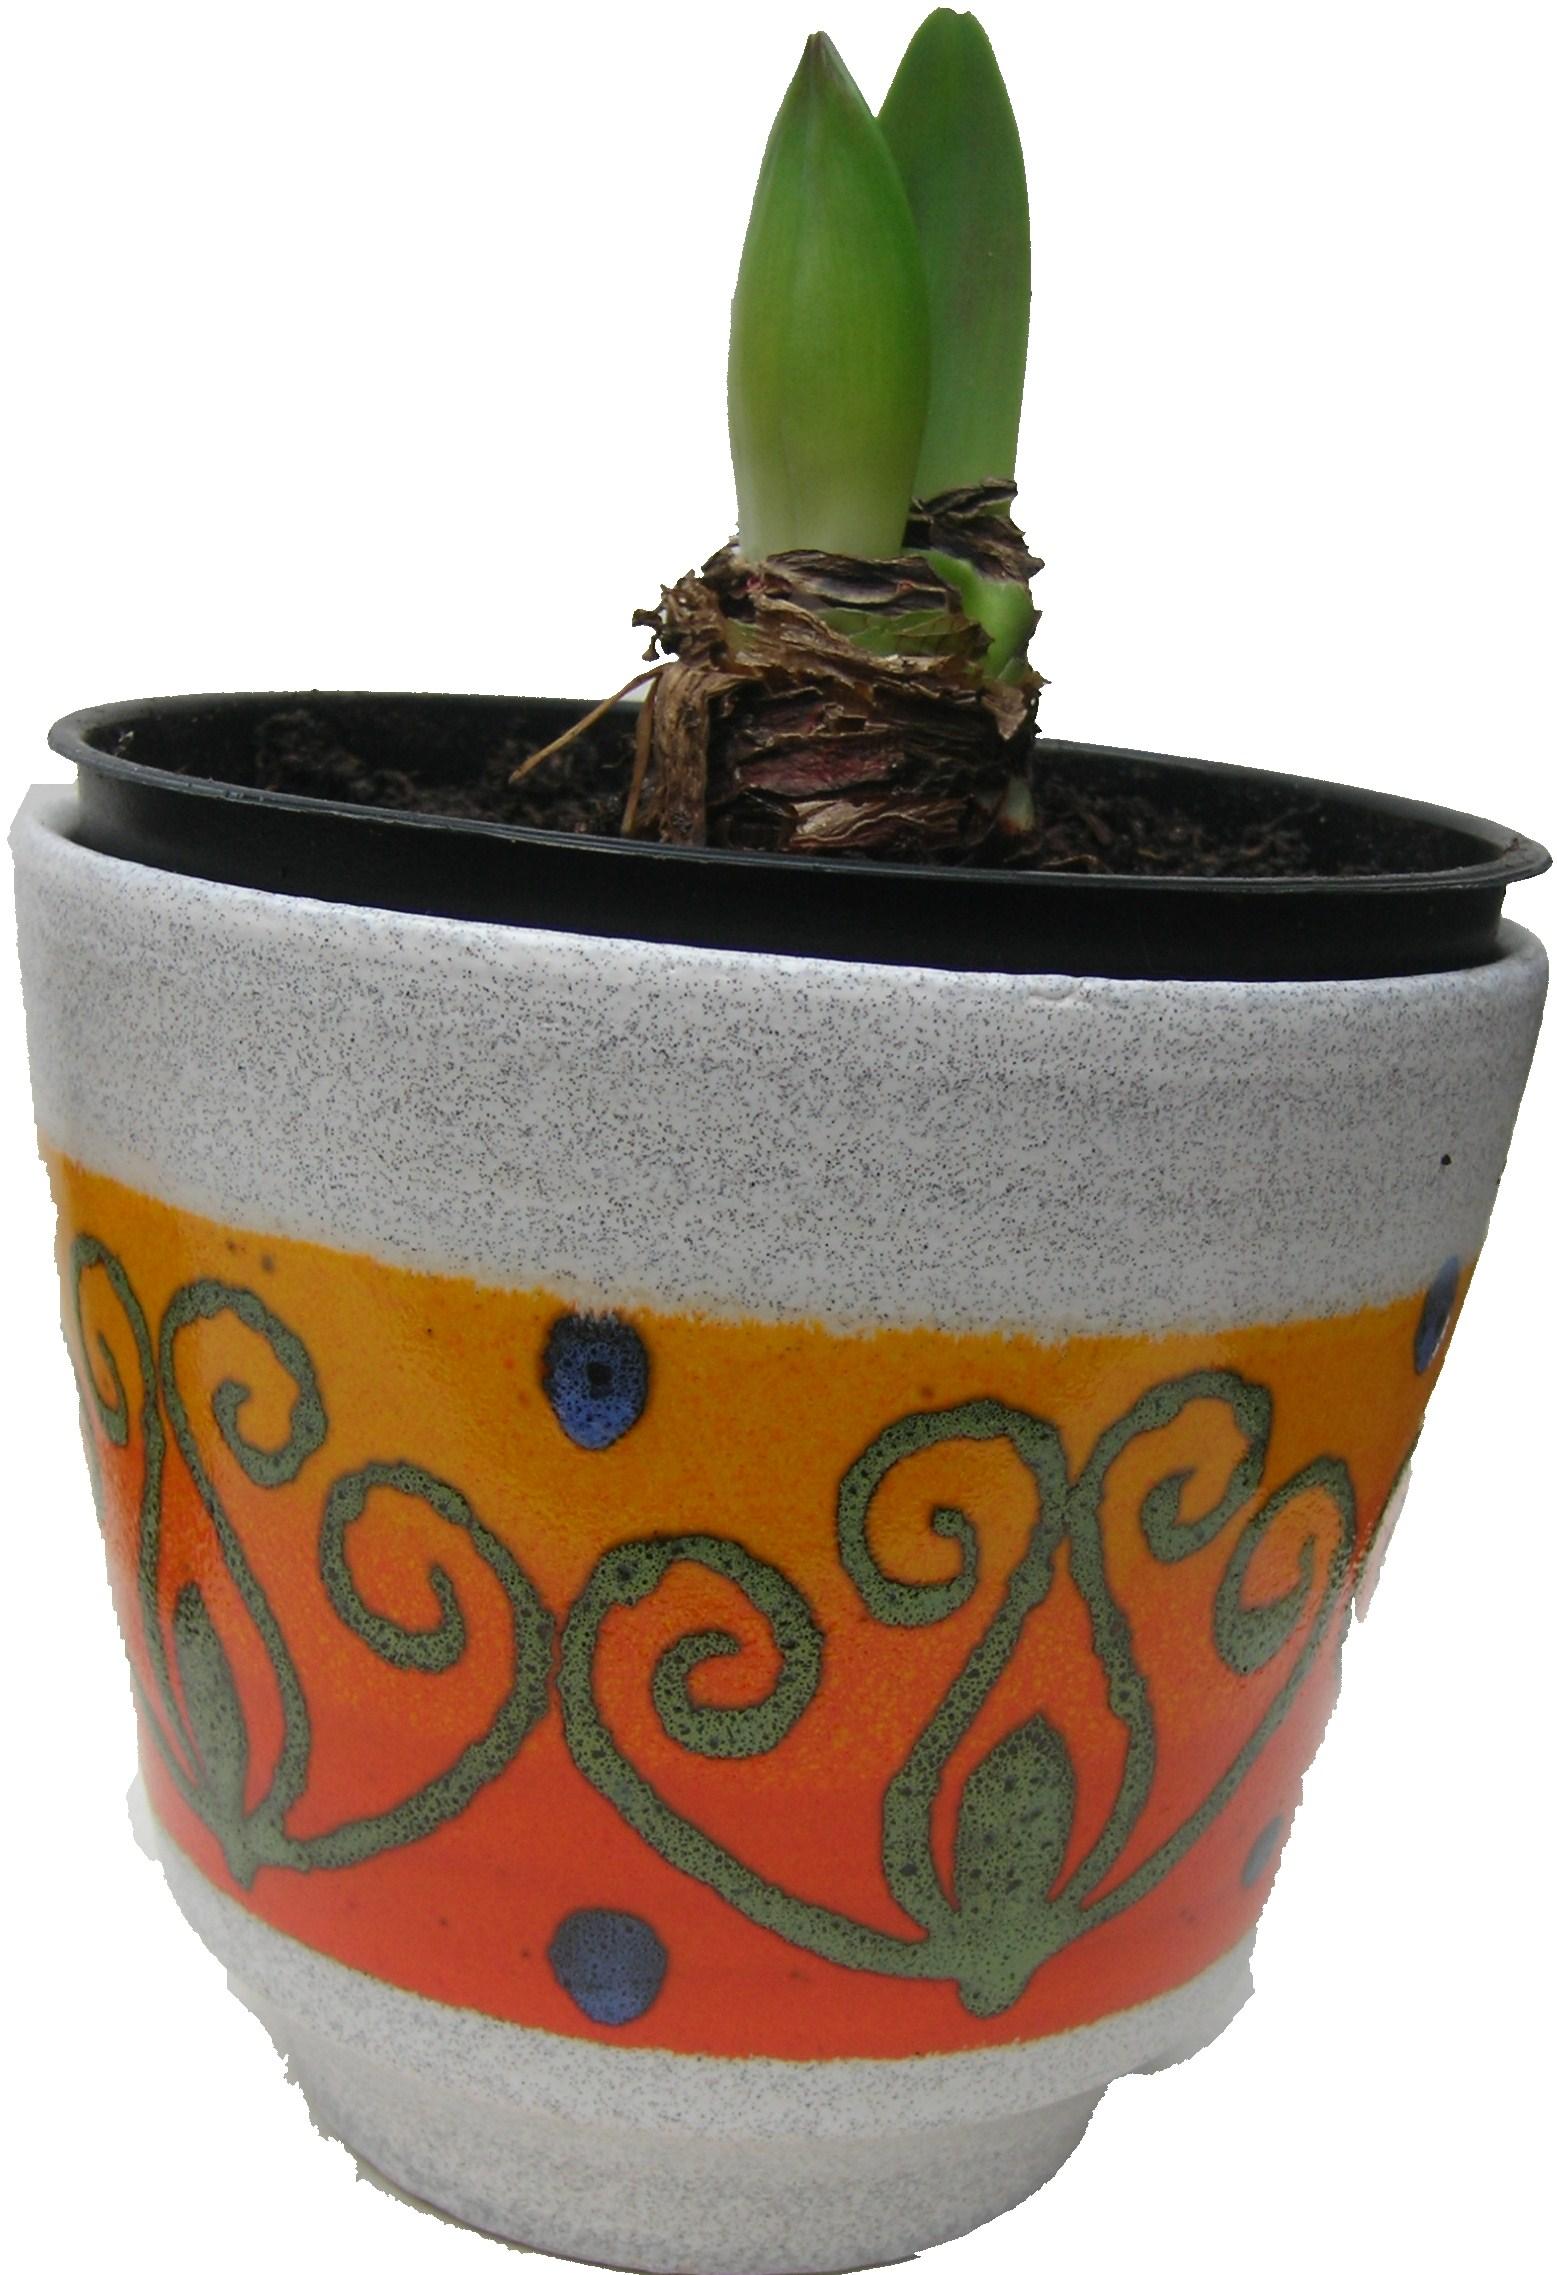 Amaryllis west german plant pot 2 pots and pots for Pot amaryllis